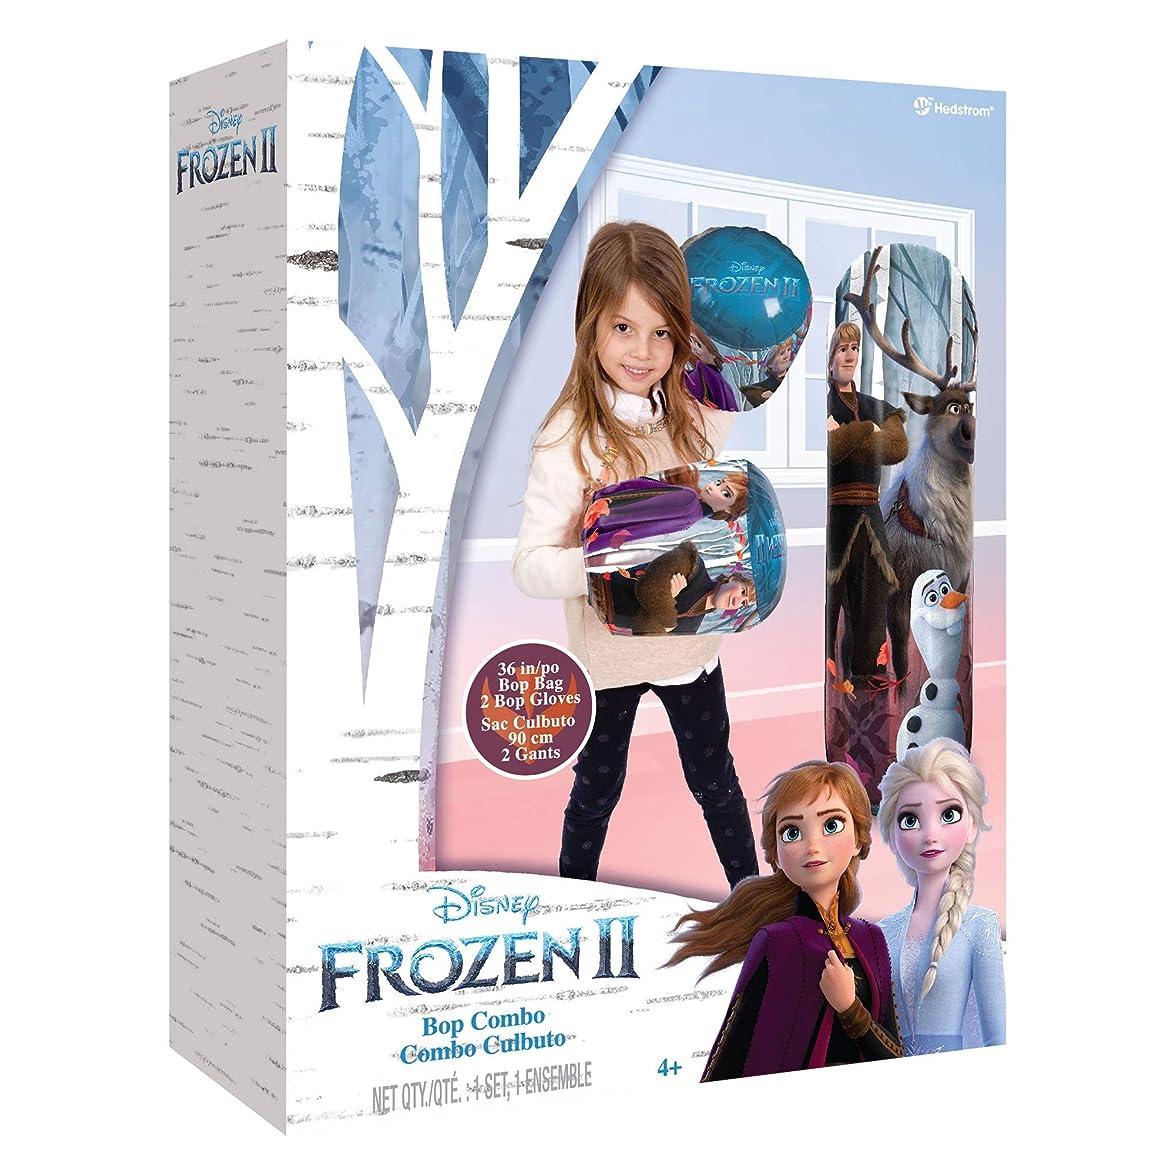 スラムチキンまたはどちらかHedstrom ディズニー アナと雪の女王 2 36インチ ボップバッグ&グローブコンボ